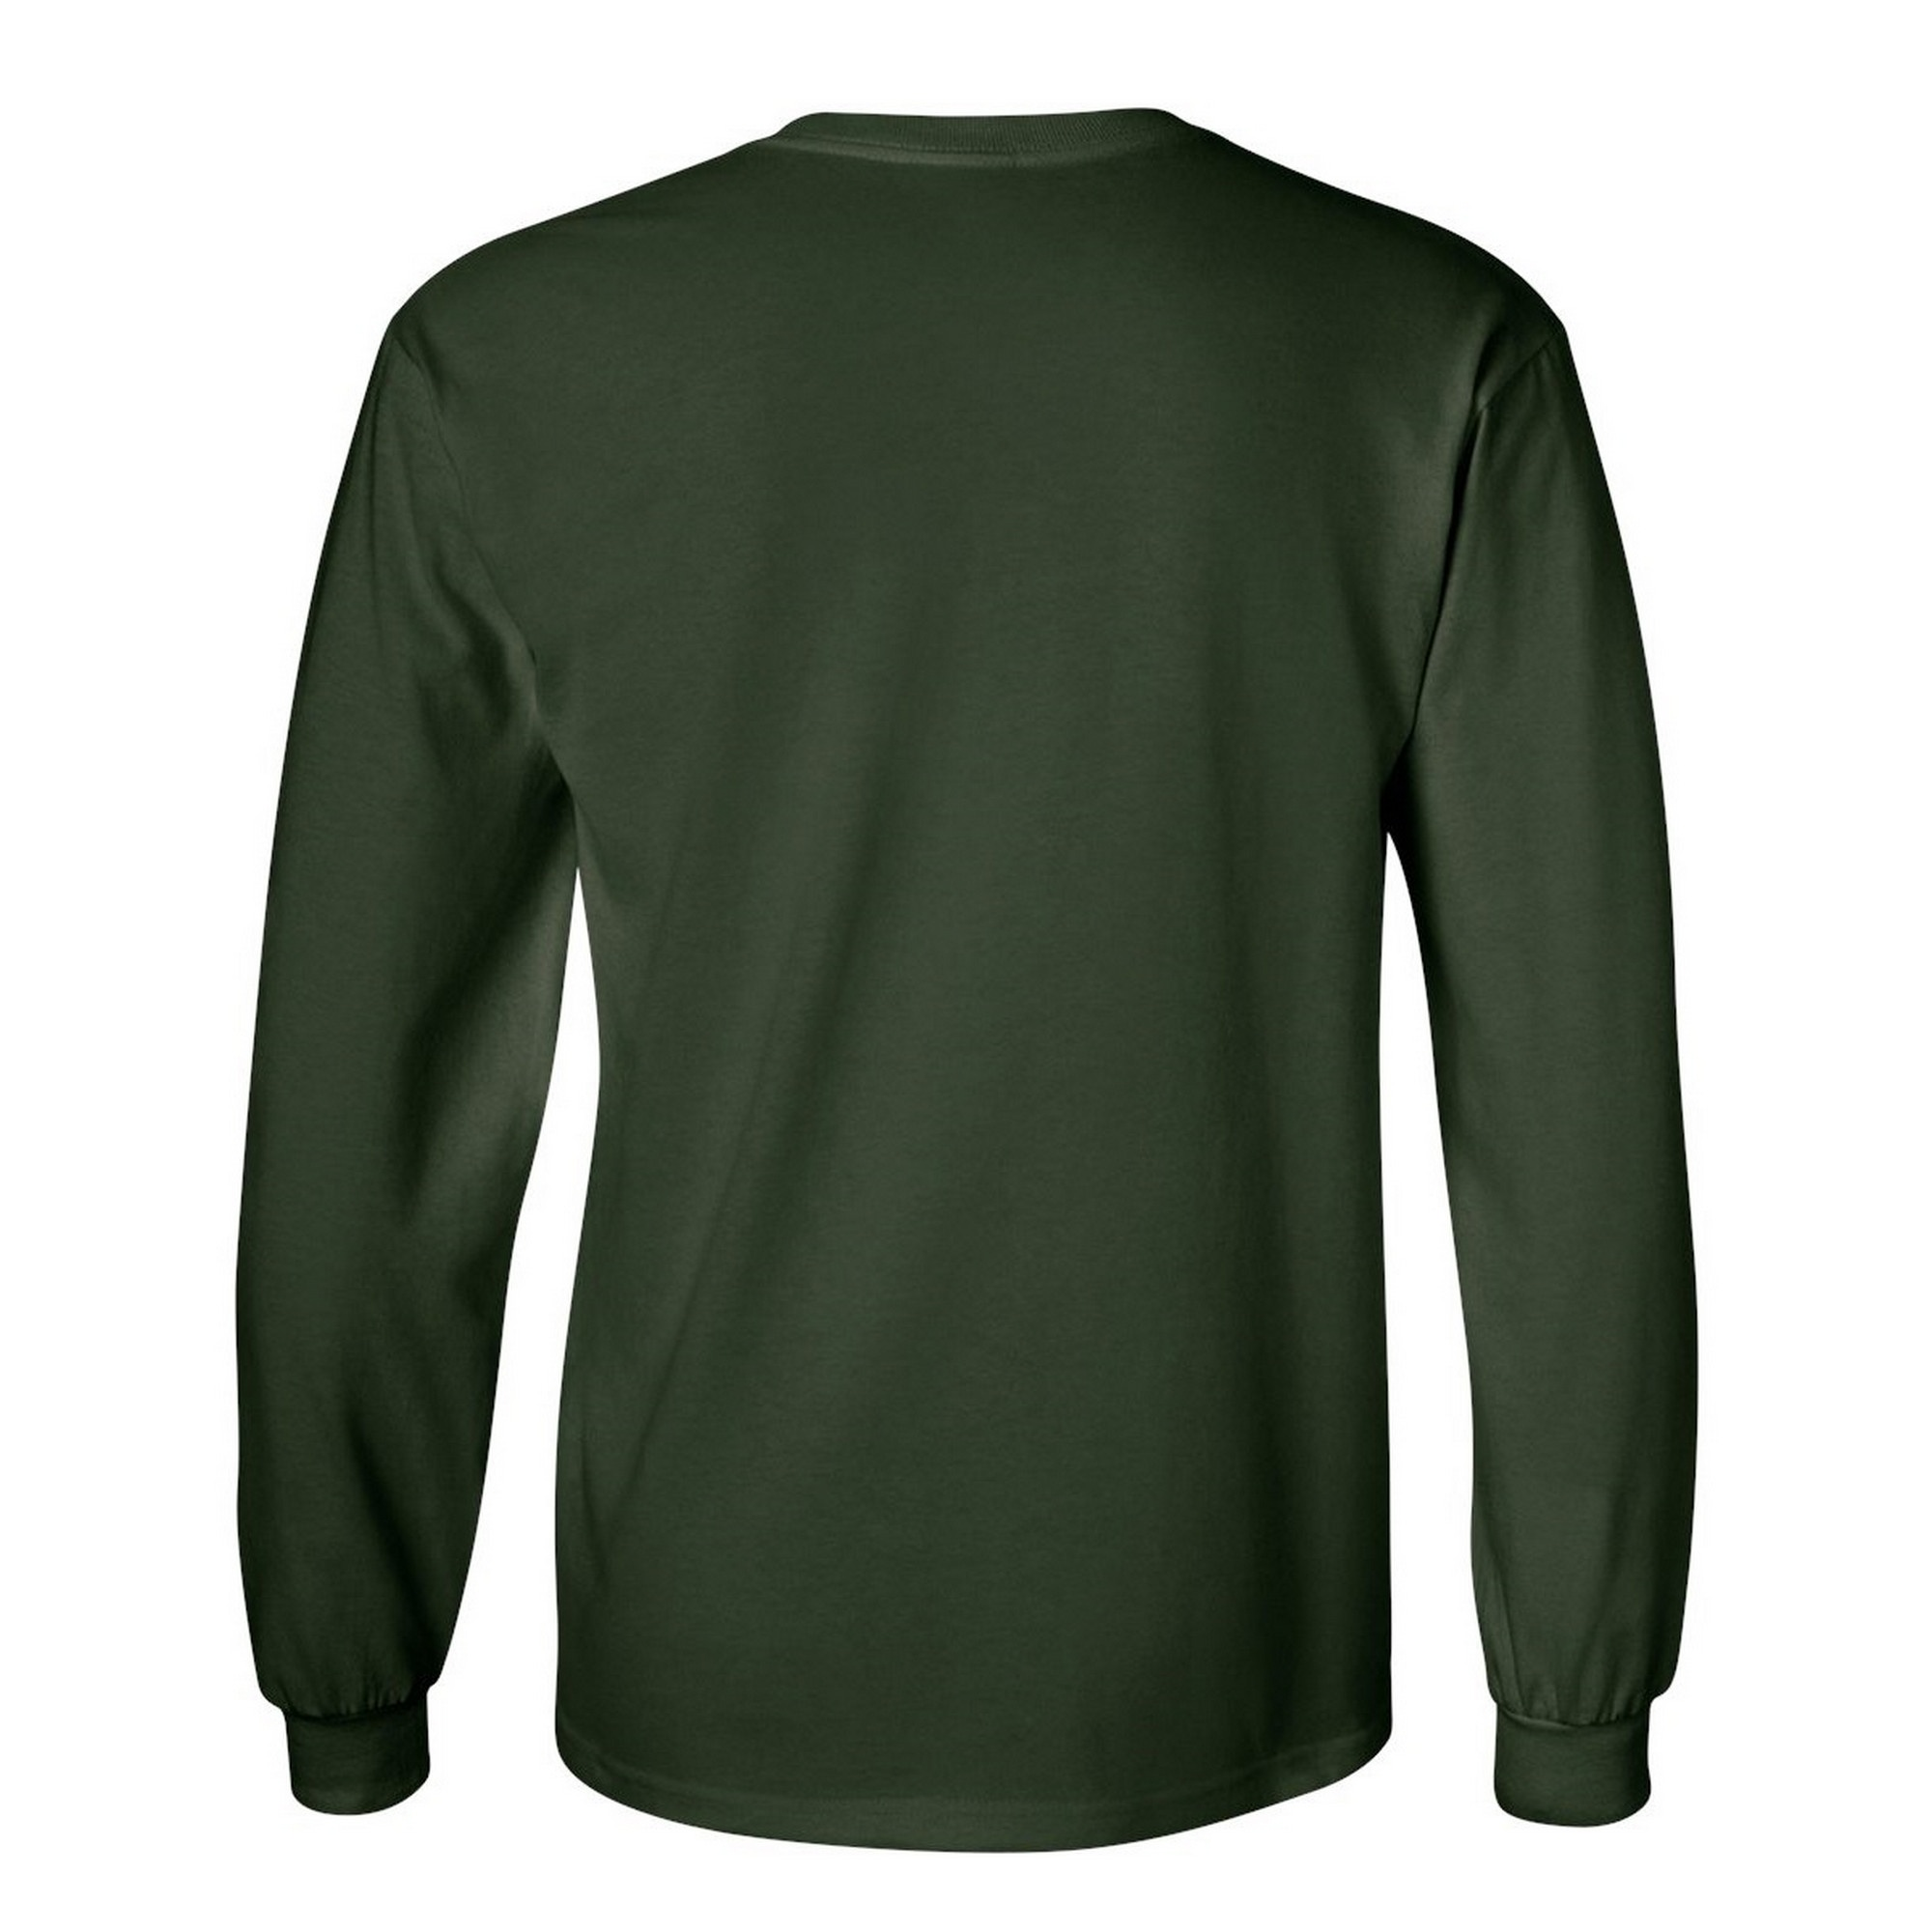 miniature 86 - T-shirt uni à manches longues Gildan, 100% coton, pour homme (S-2XL) (BC477)